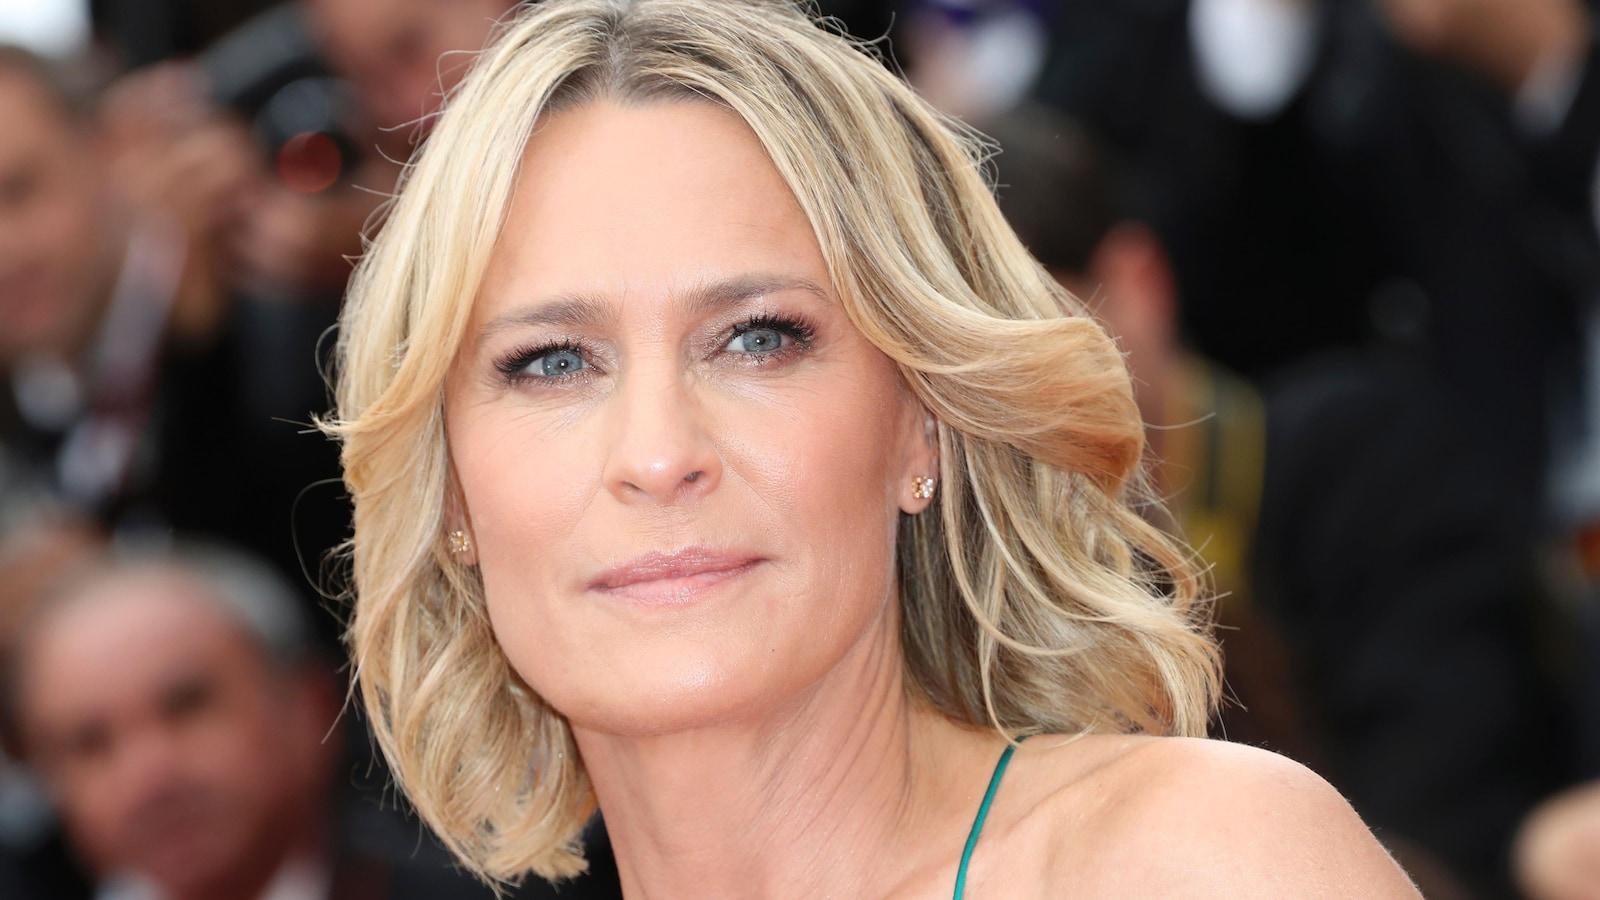 L'actrice et réalisatrice Robin Wright prend la pose sur le tapis rouge du Festival de Cannes, le 18 mai 2017.